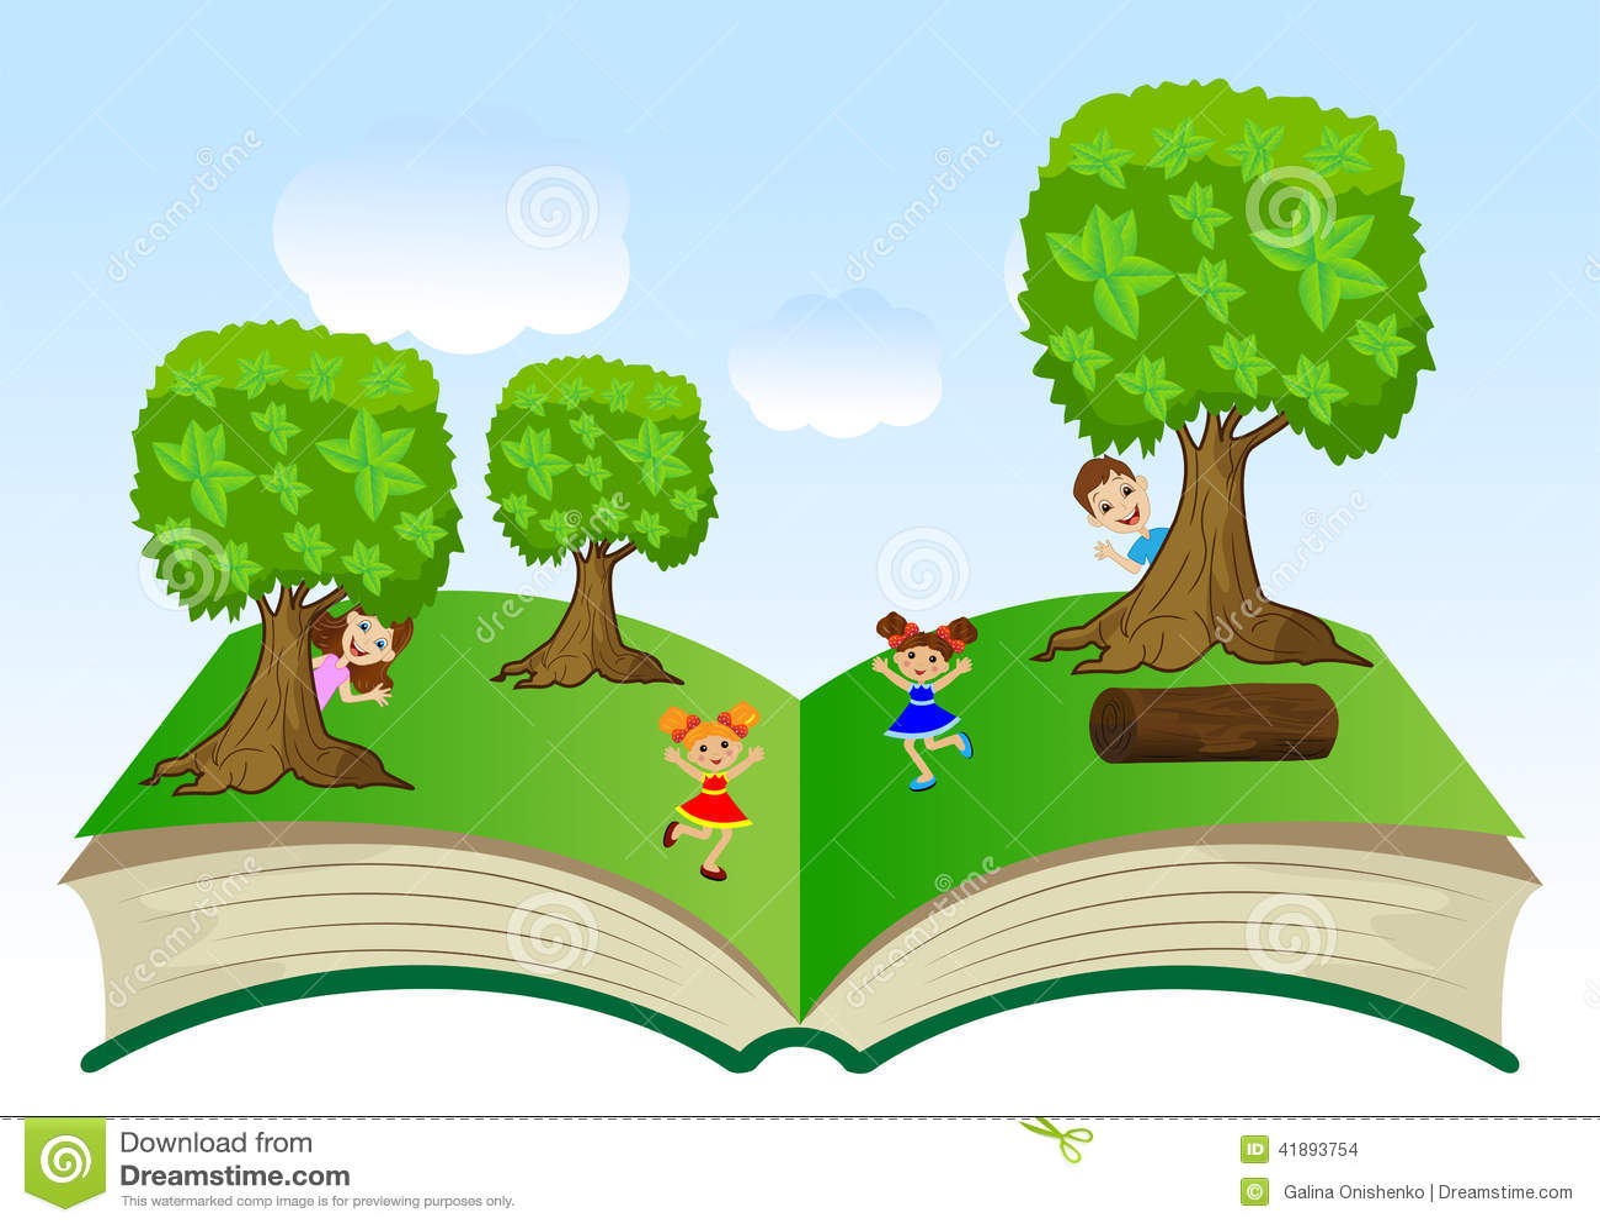 картинки для детей раскрытая книга